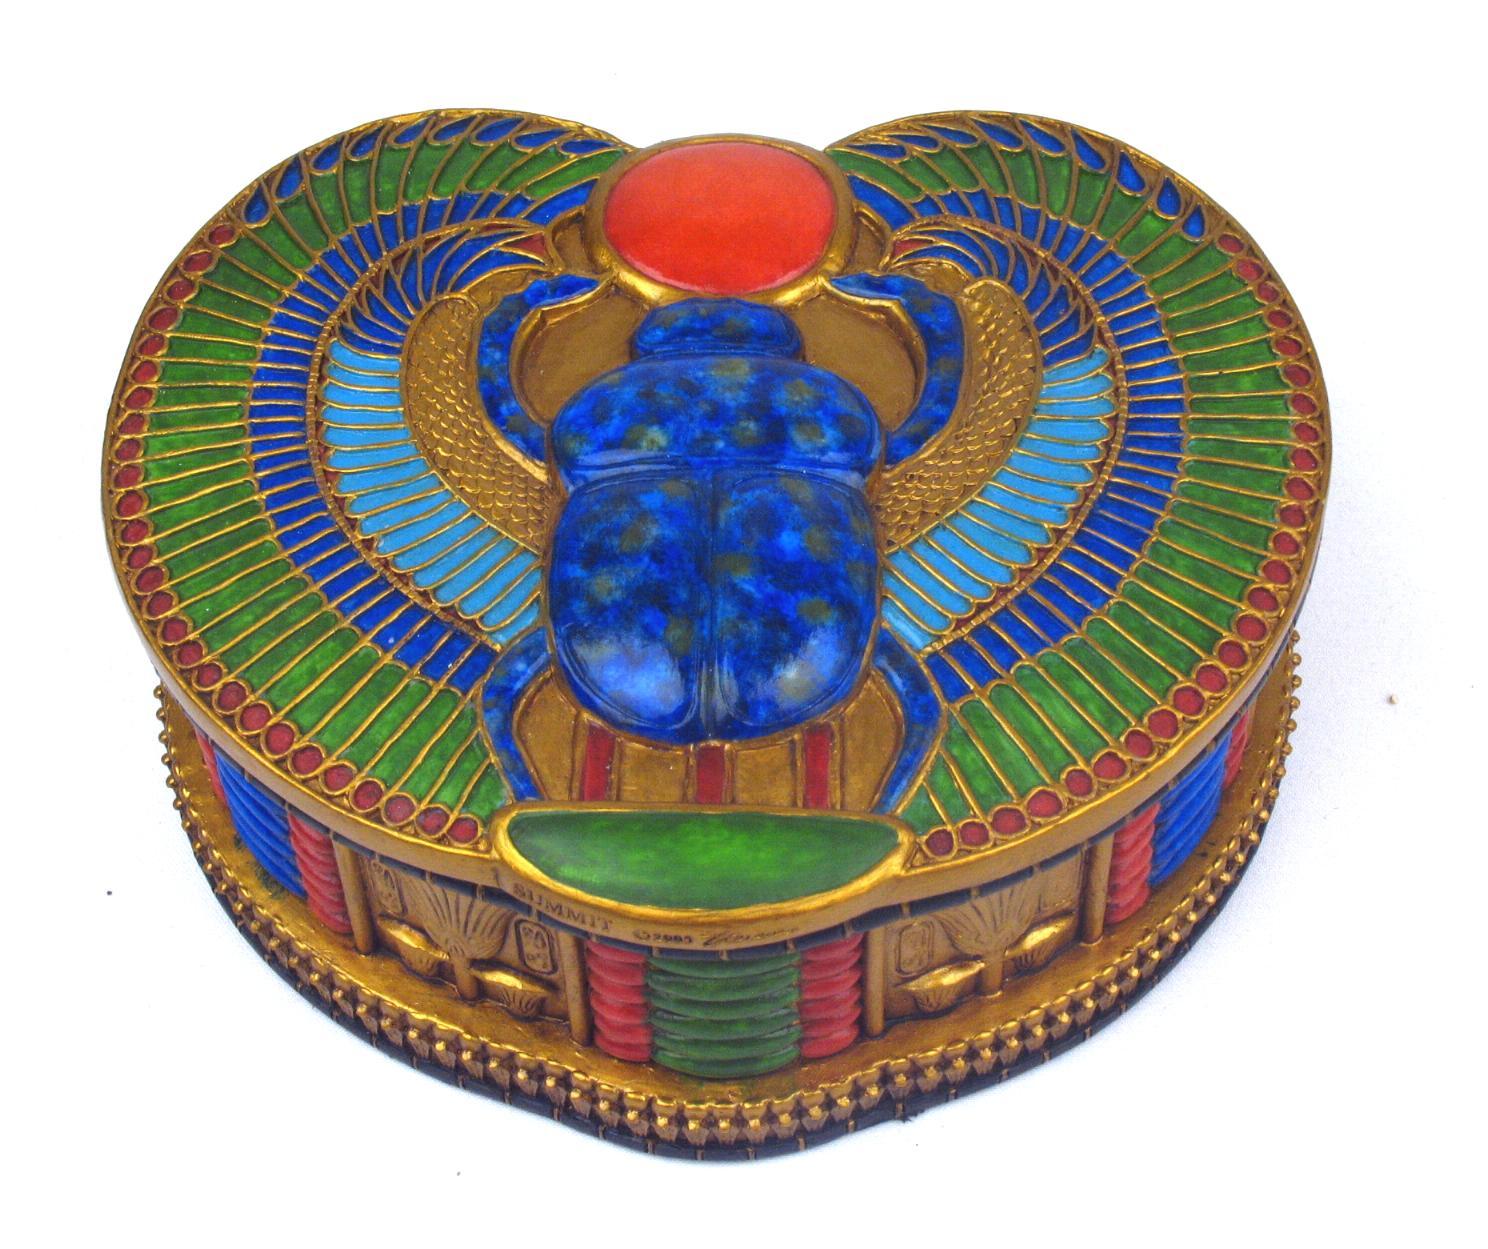 Al arabi el escarabajo egipcio atrae la buena suerte - Conjuro buena suerte ...